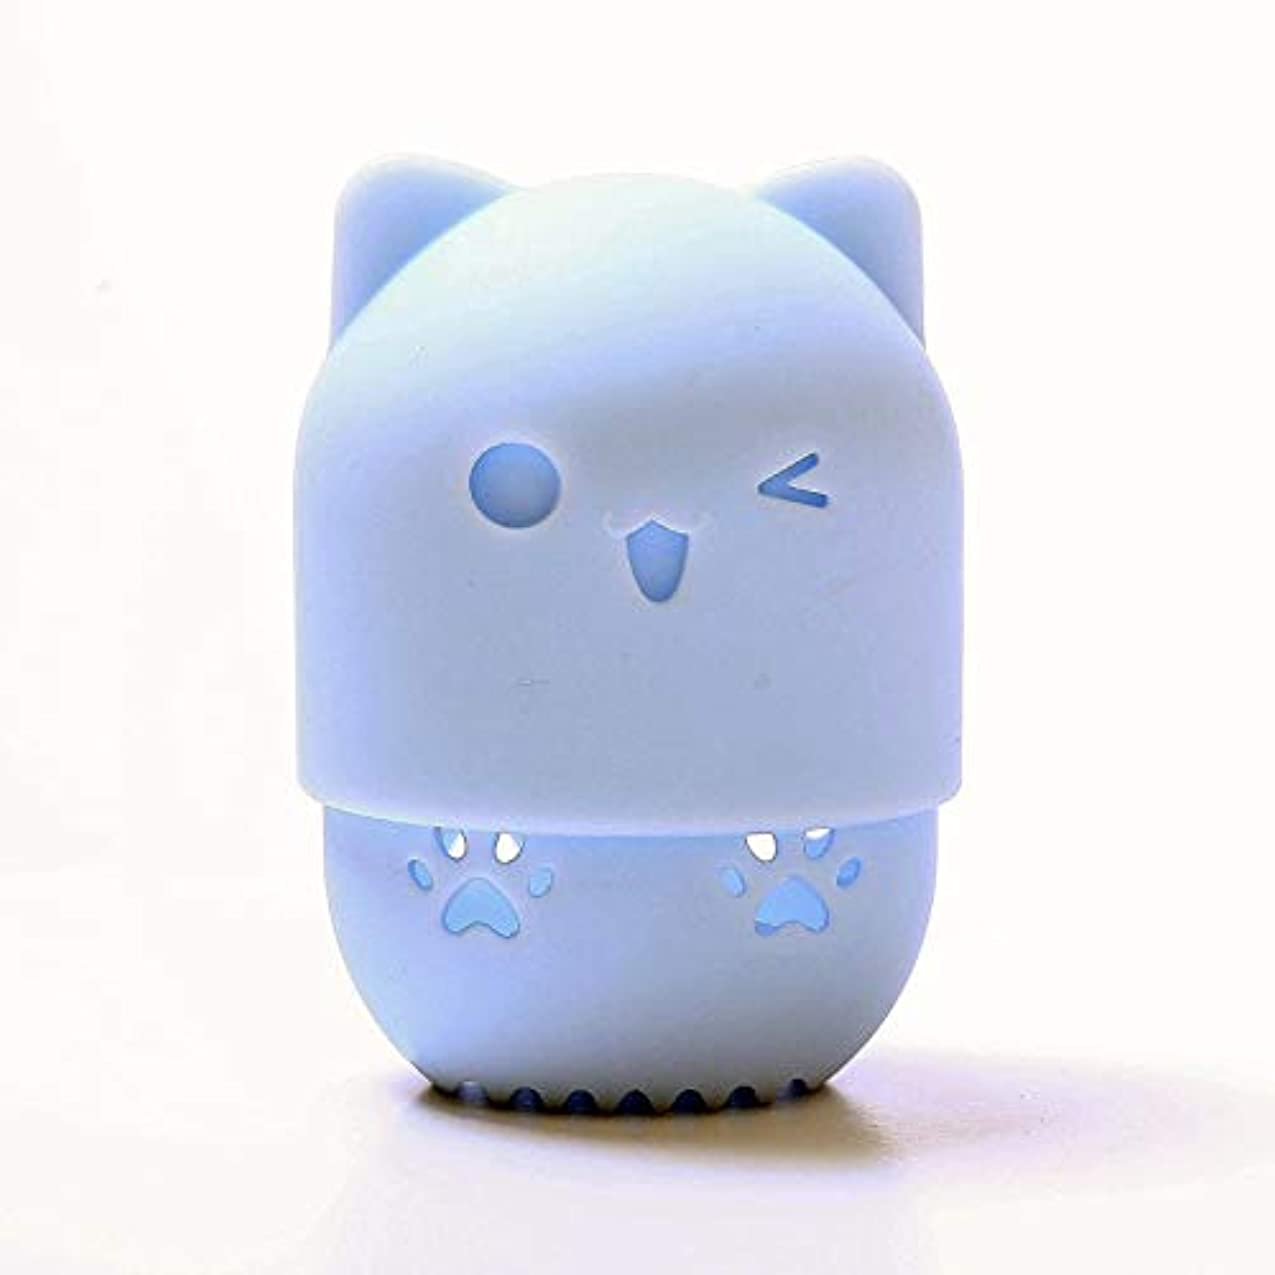 リンケージ考えるチケットスポンジパフ収納ボックス ,可愛い通気性を柔らか美容スポンジ シリコン旅行 キャリングケース、あらゆる化粧スポンジ適用 (ブルー)